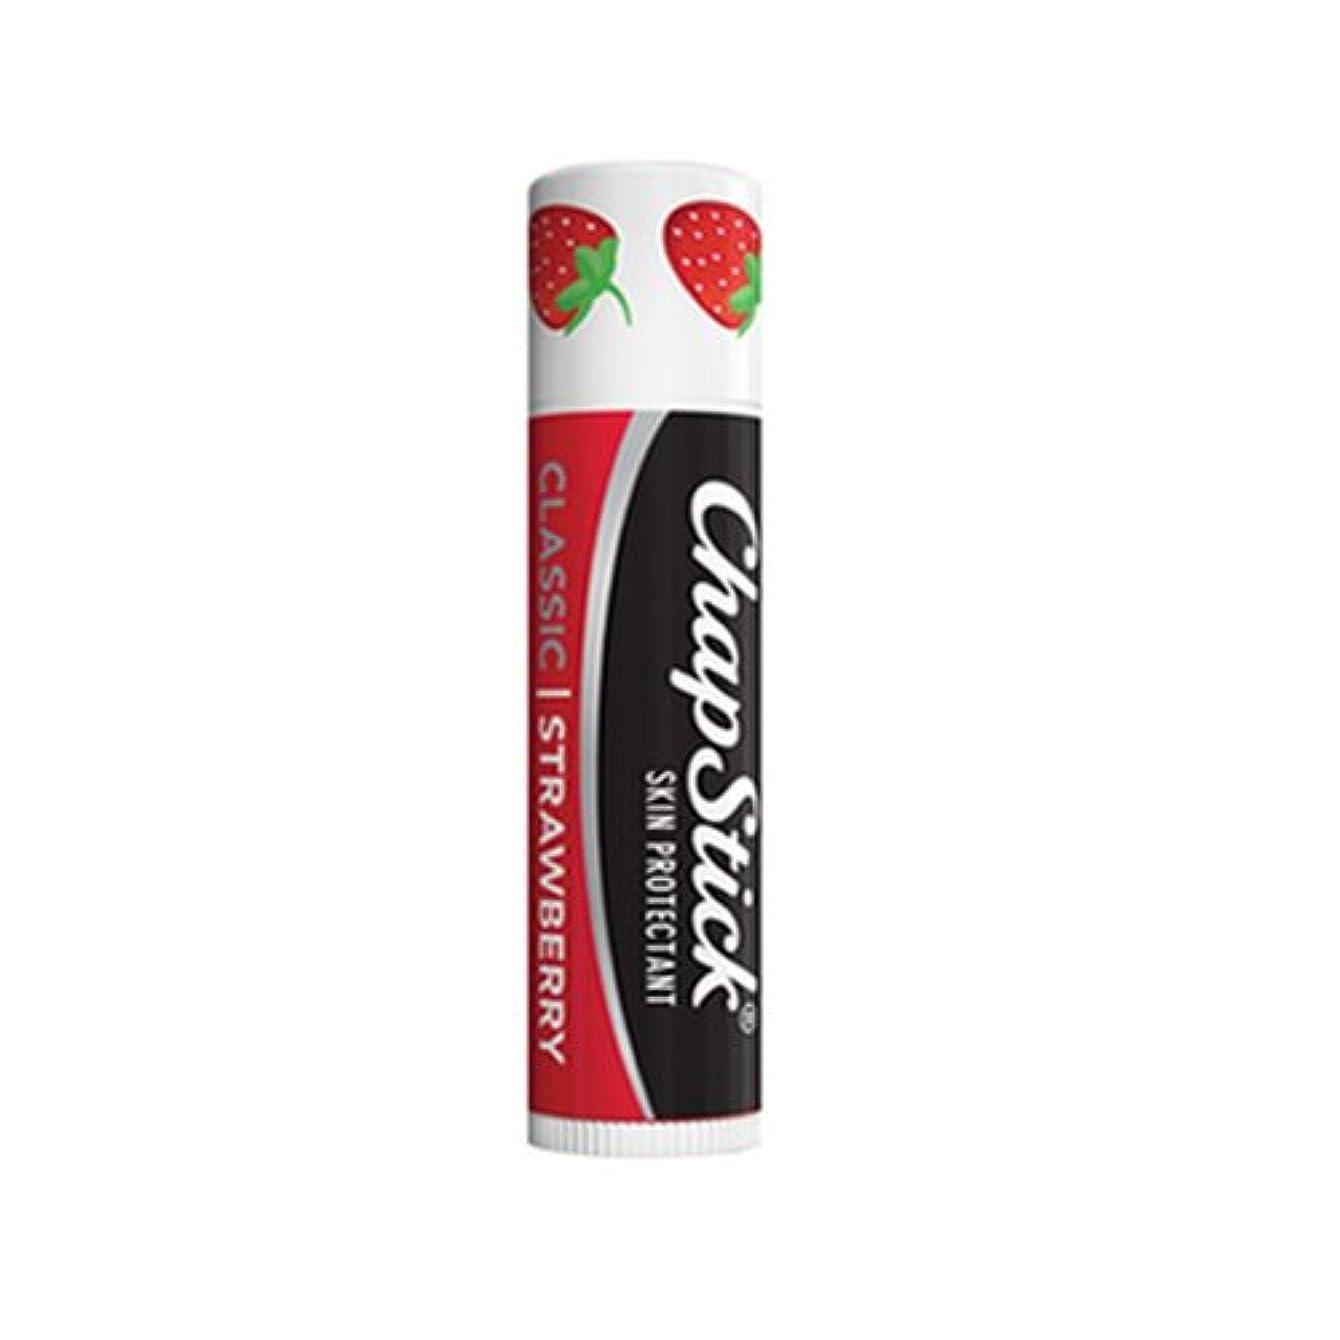 間違いなくパッド予言する(3 Pack) Chapstick Classic - Strawberry (並行輸入品)